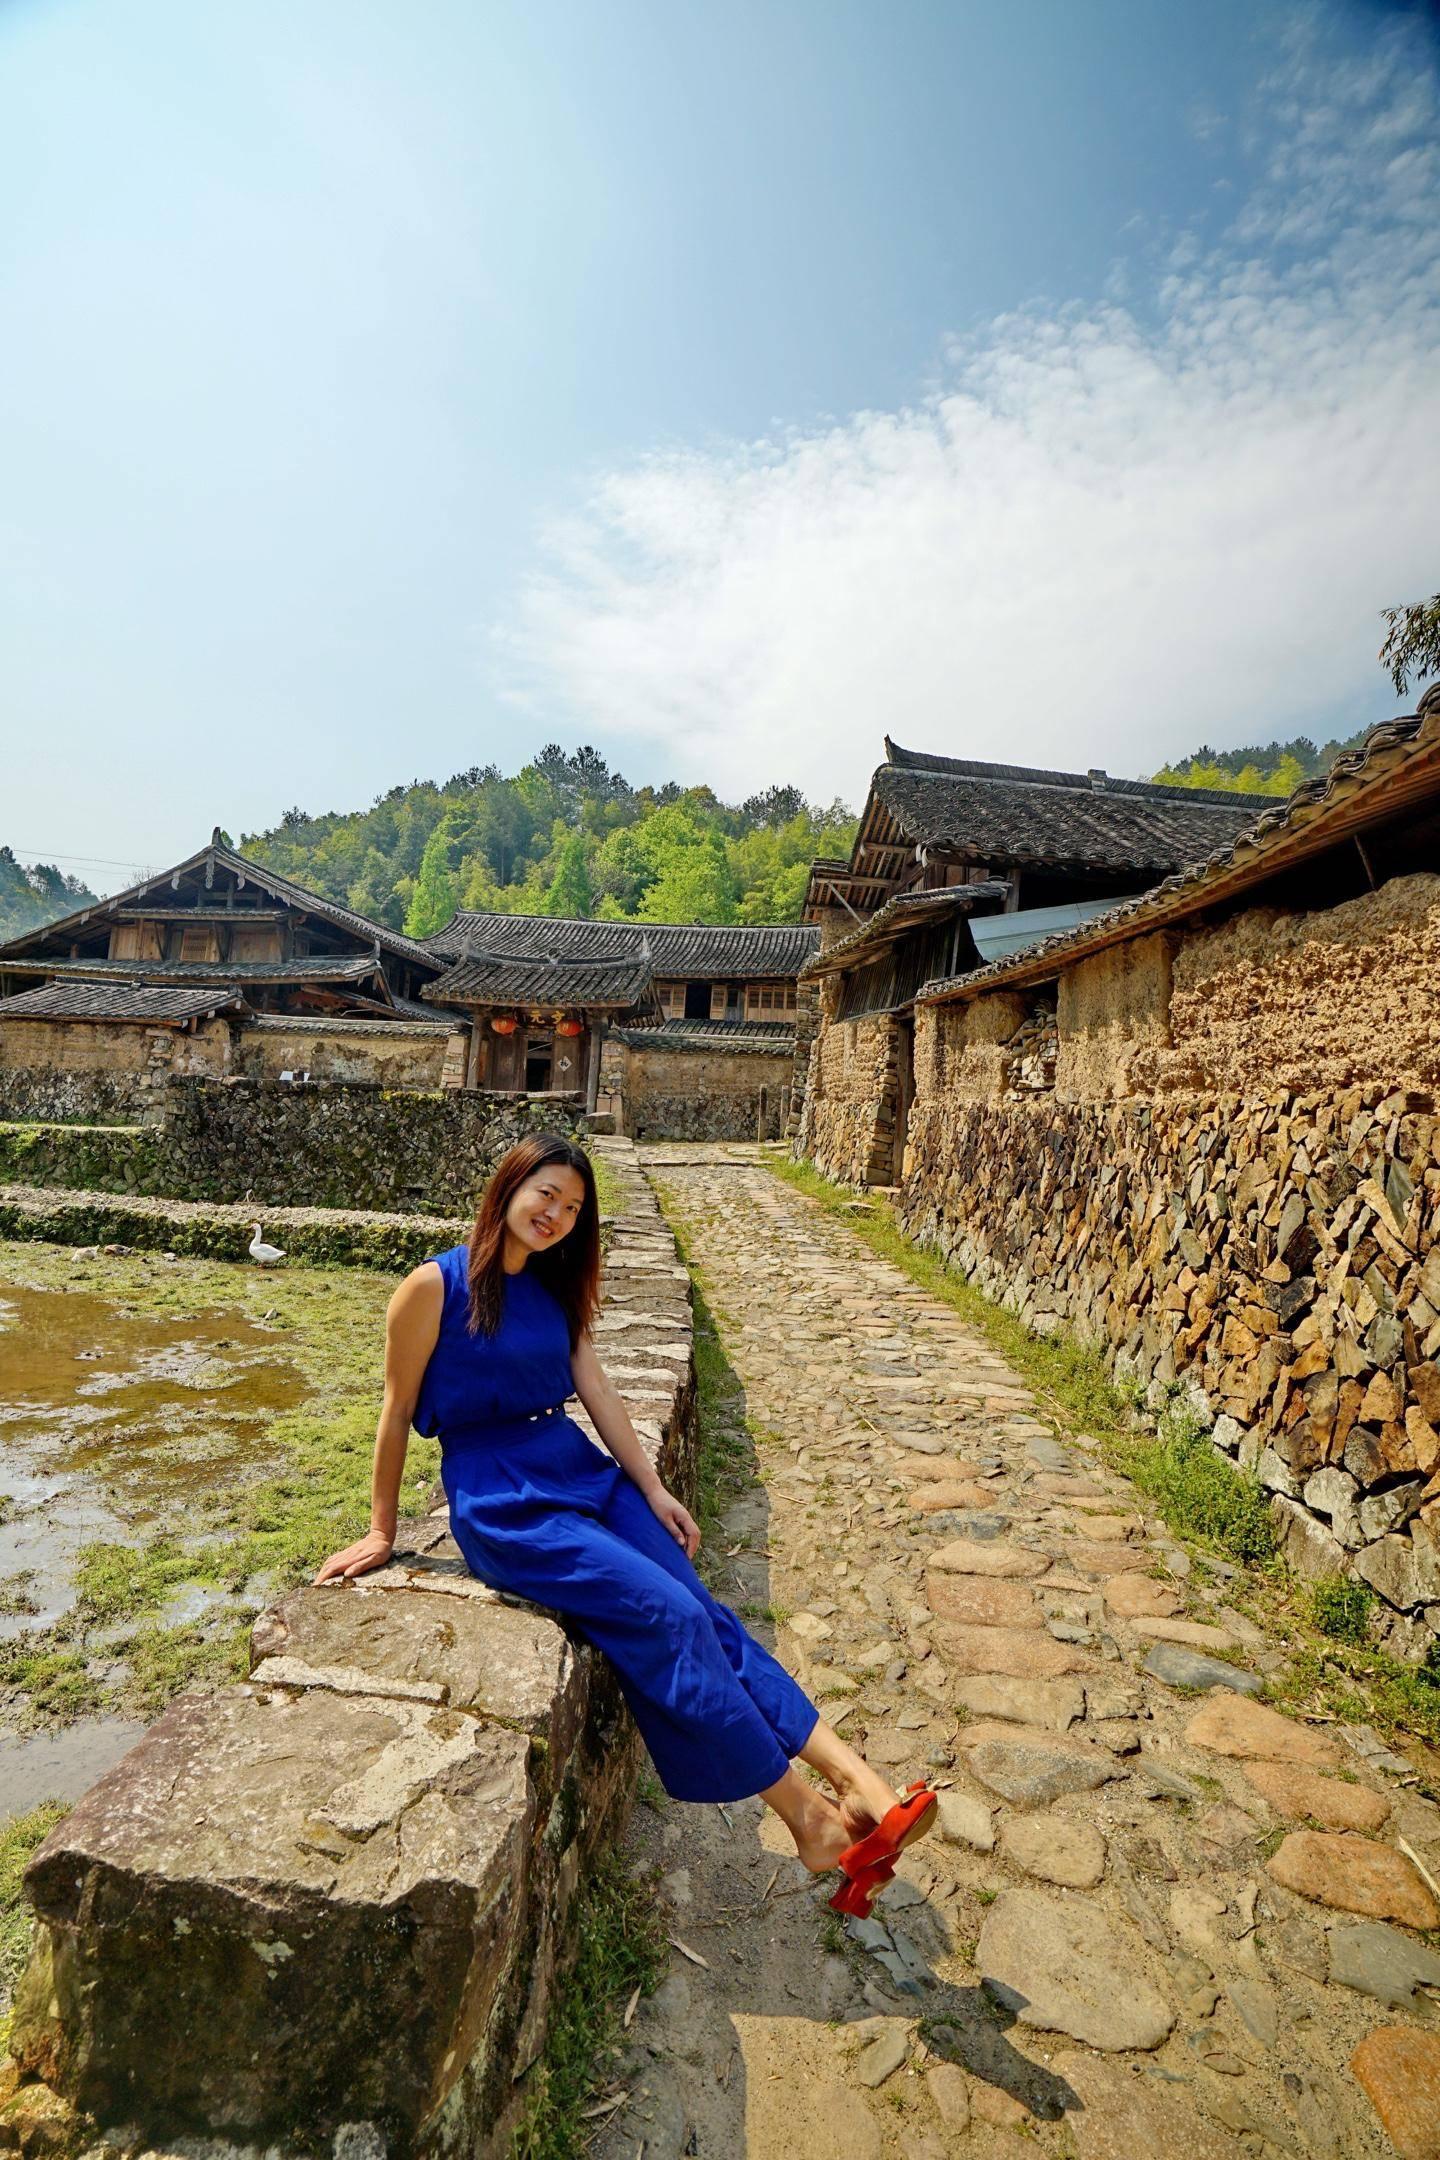 泰顺5个小众旅游景点,诗意田园或时尚运动都能满足,快打卡!